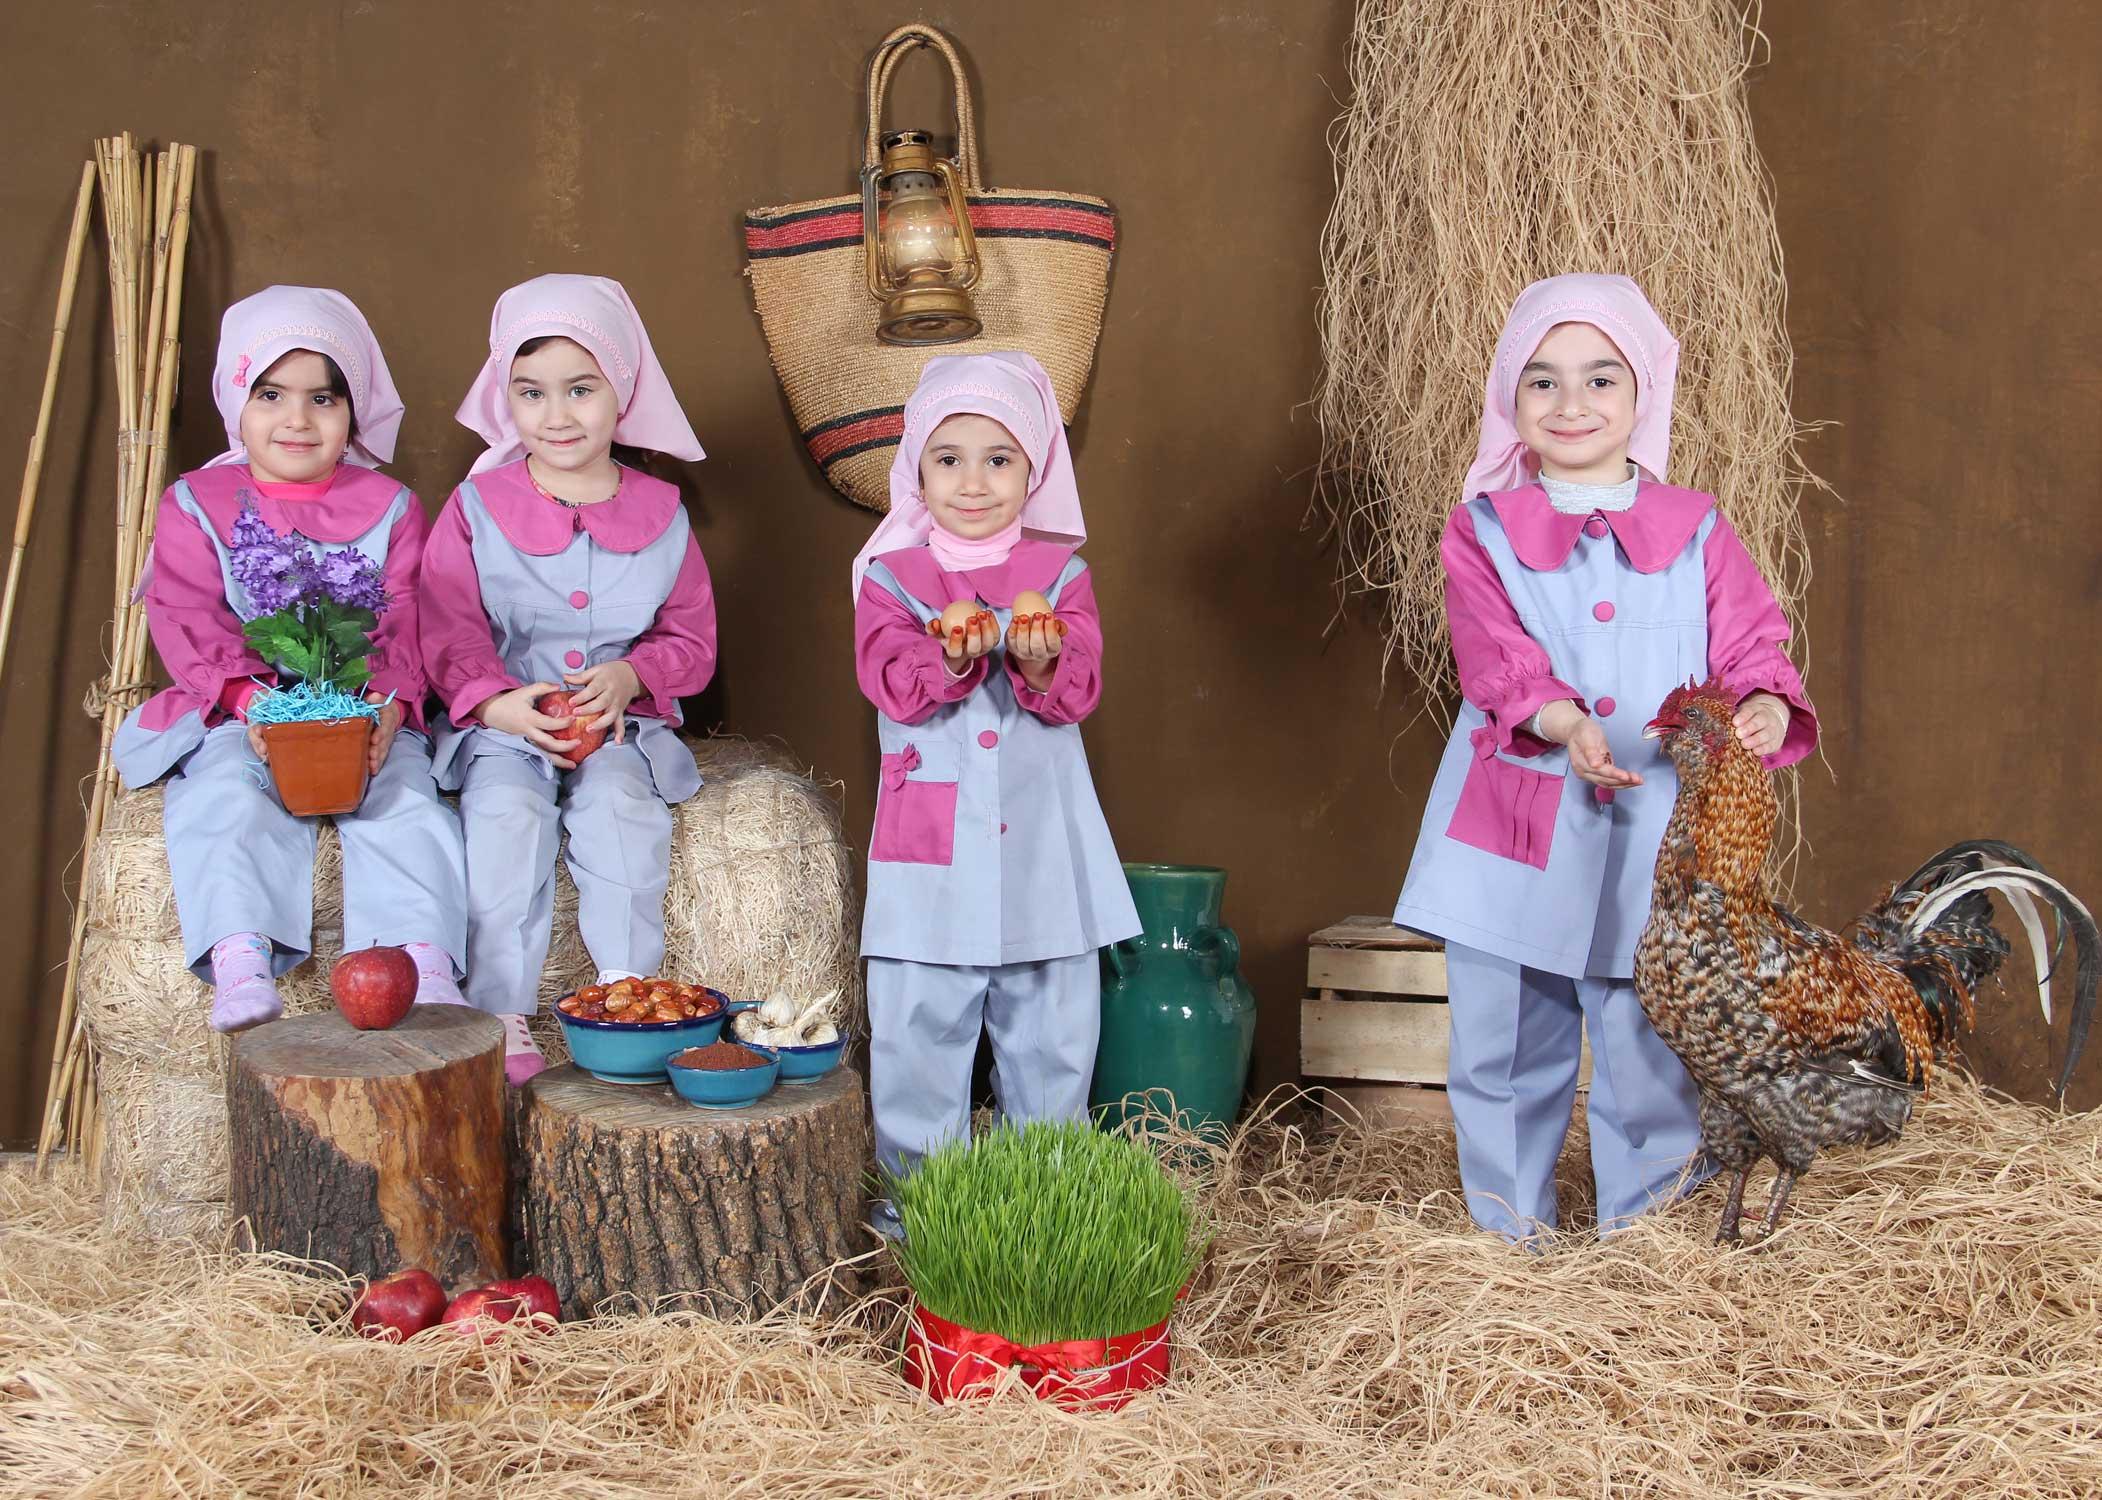 عکس نوروز و عکس عید در مدارس دکور نوروز سال خروس با لباس و دکور محلی توسط سهراب نعیمی مهدکودکها عکس کودک دکور خاص